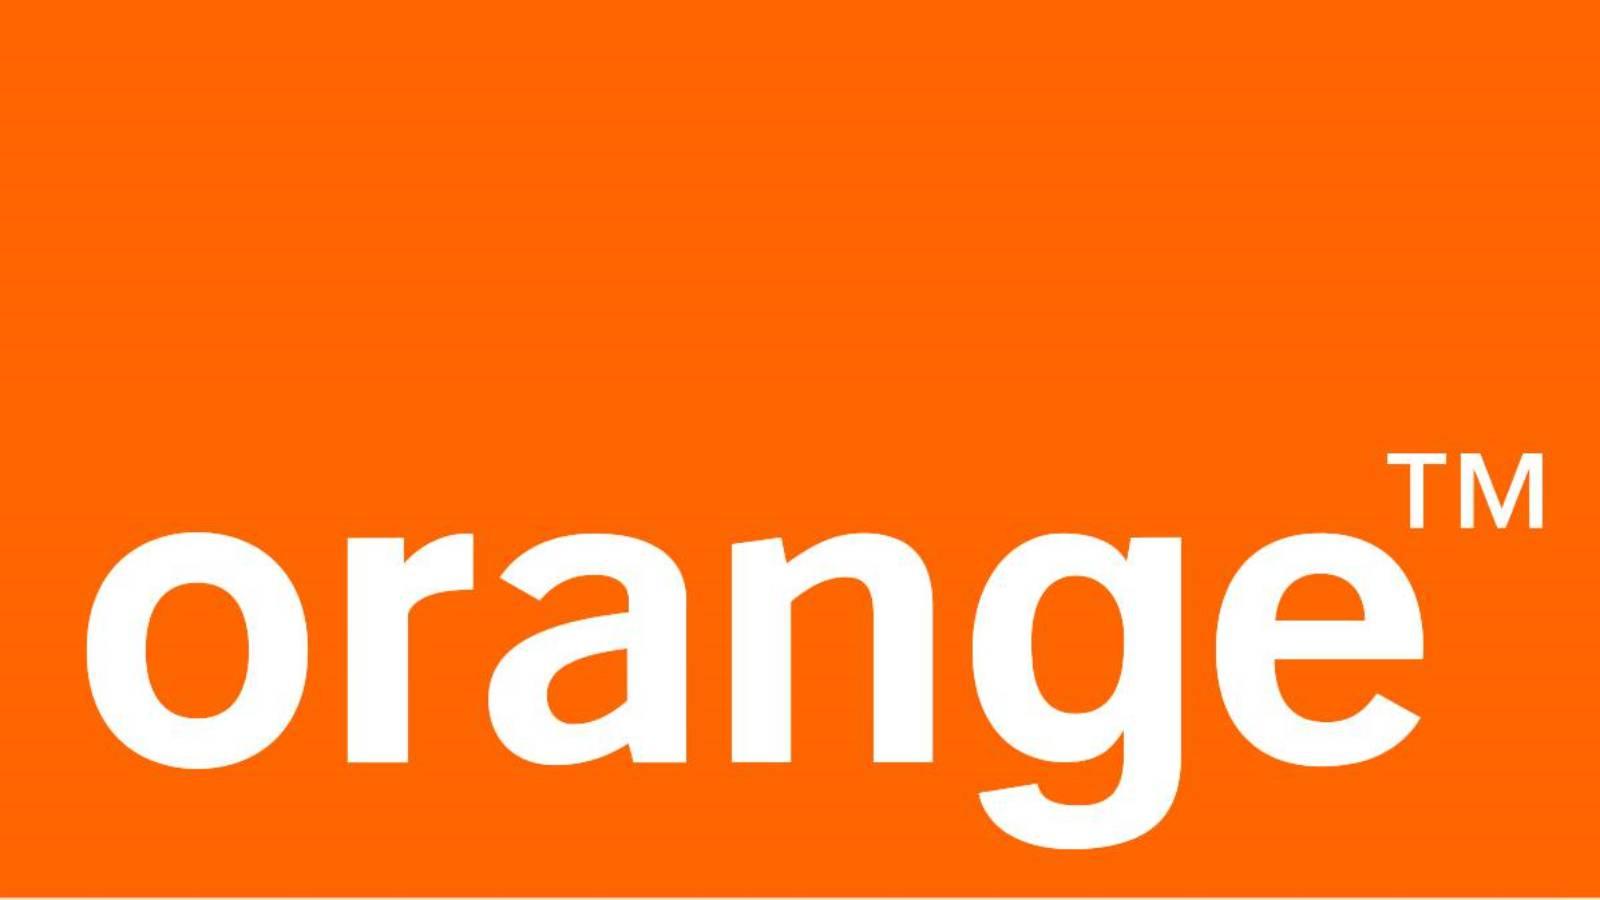 Orange. Pe 11 Septembrie Exista in Romania aceste Oferte MARI la Telefoane Mobile